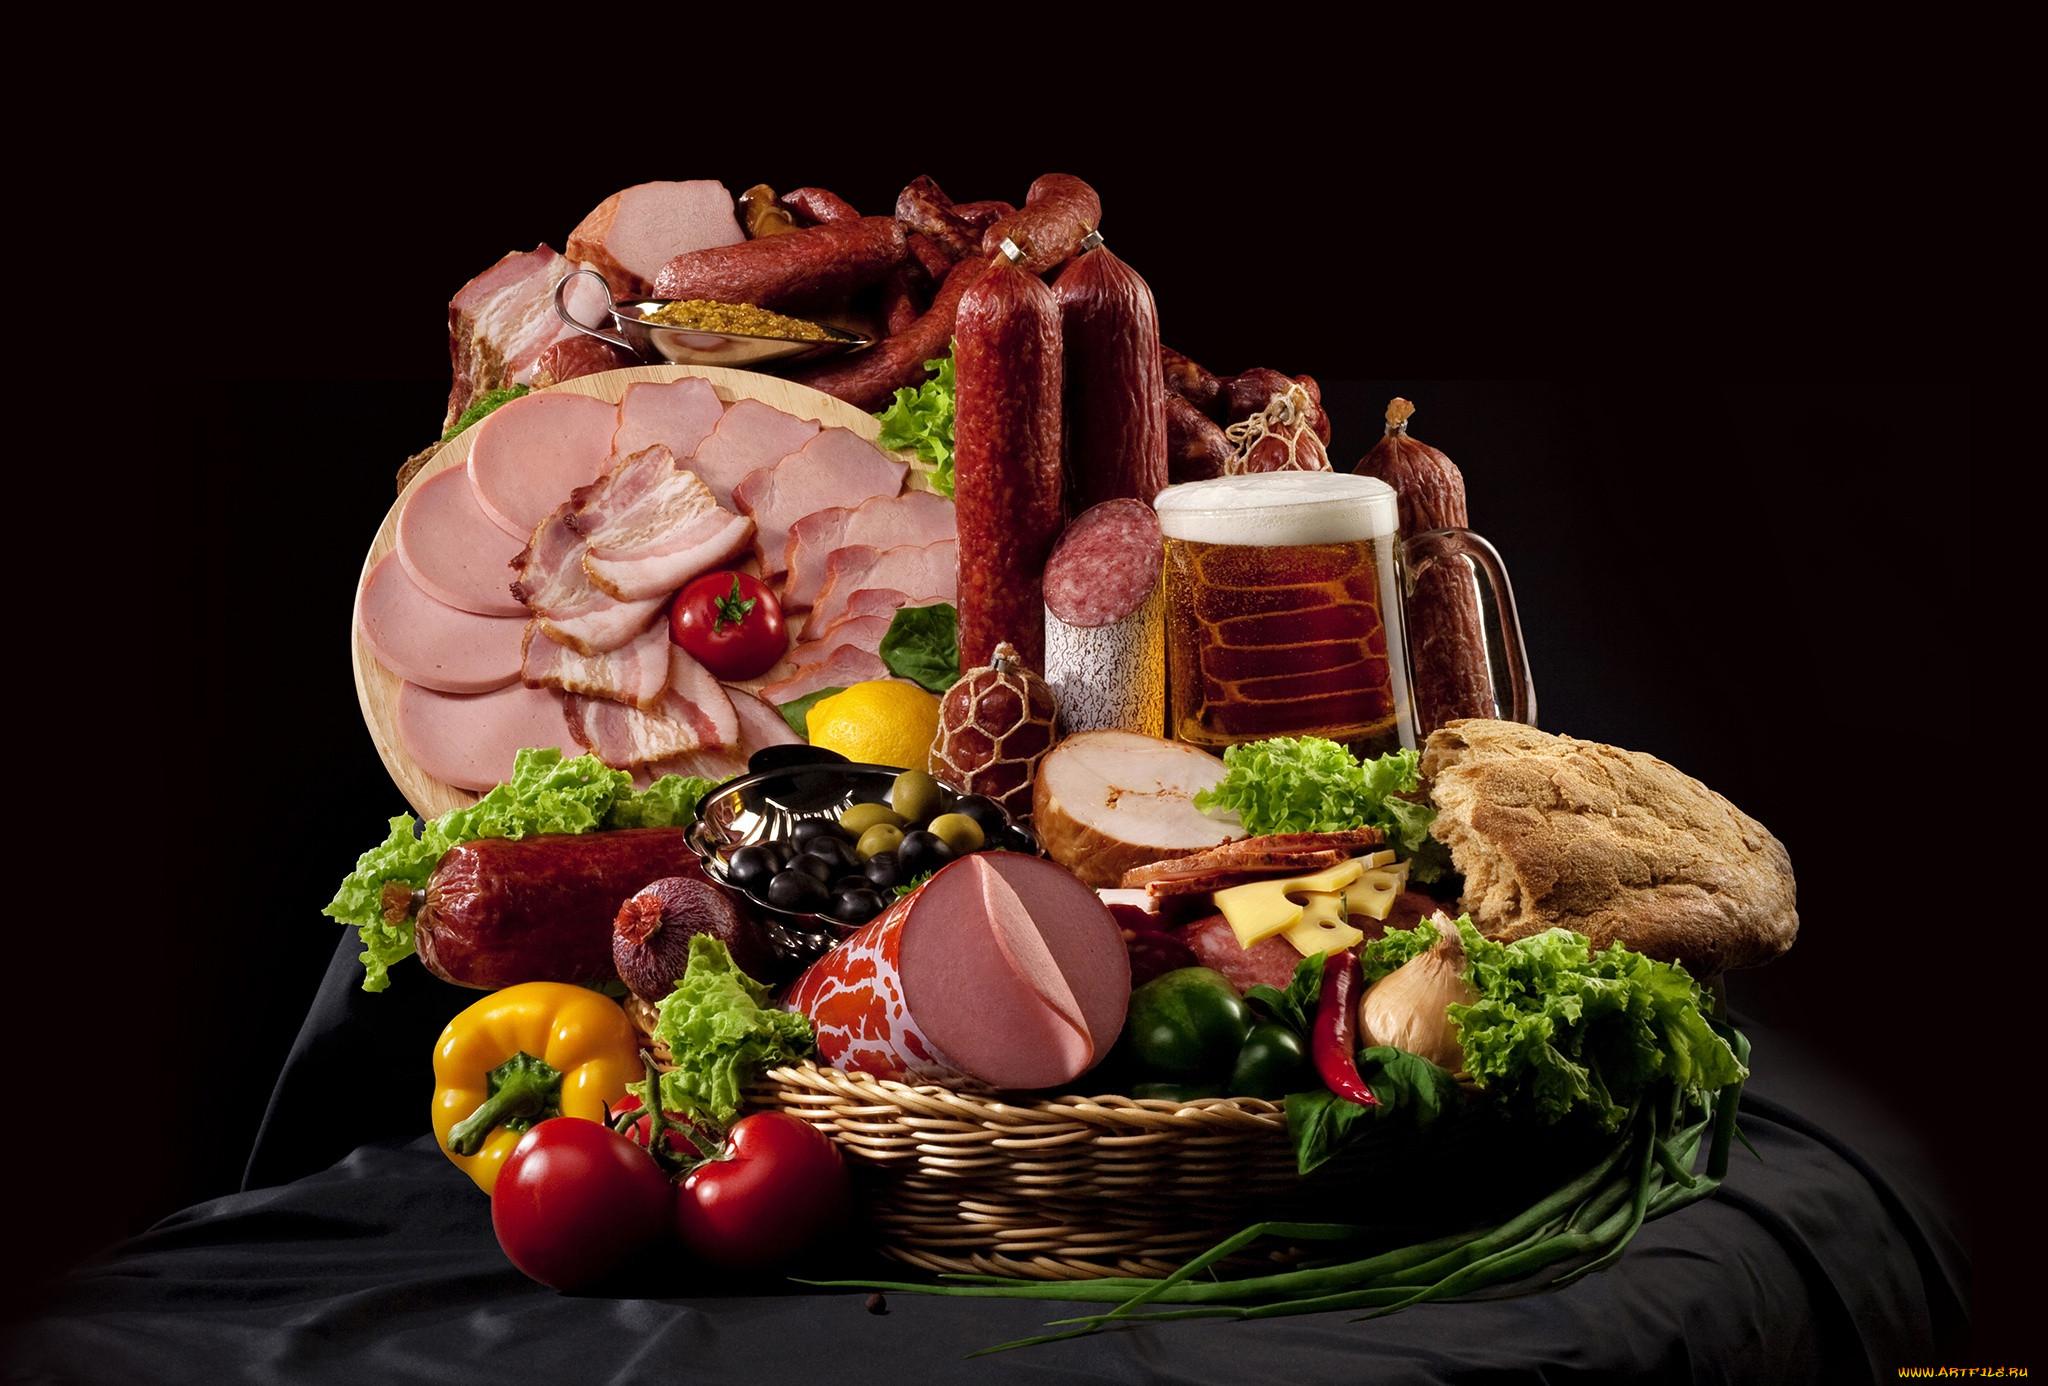 Картинка продукты на столе